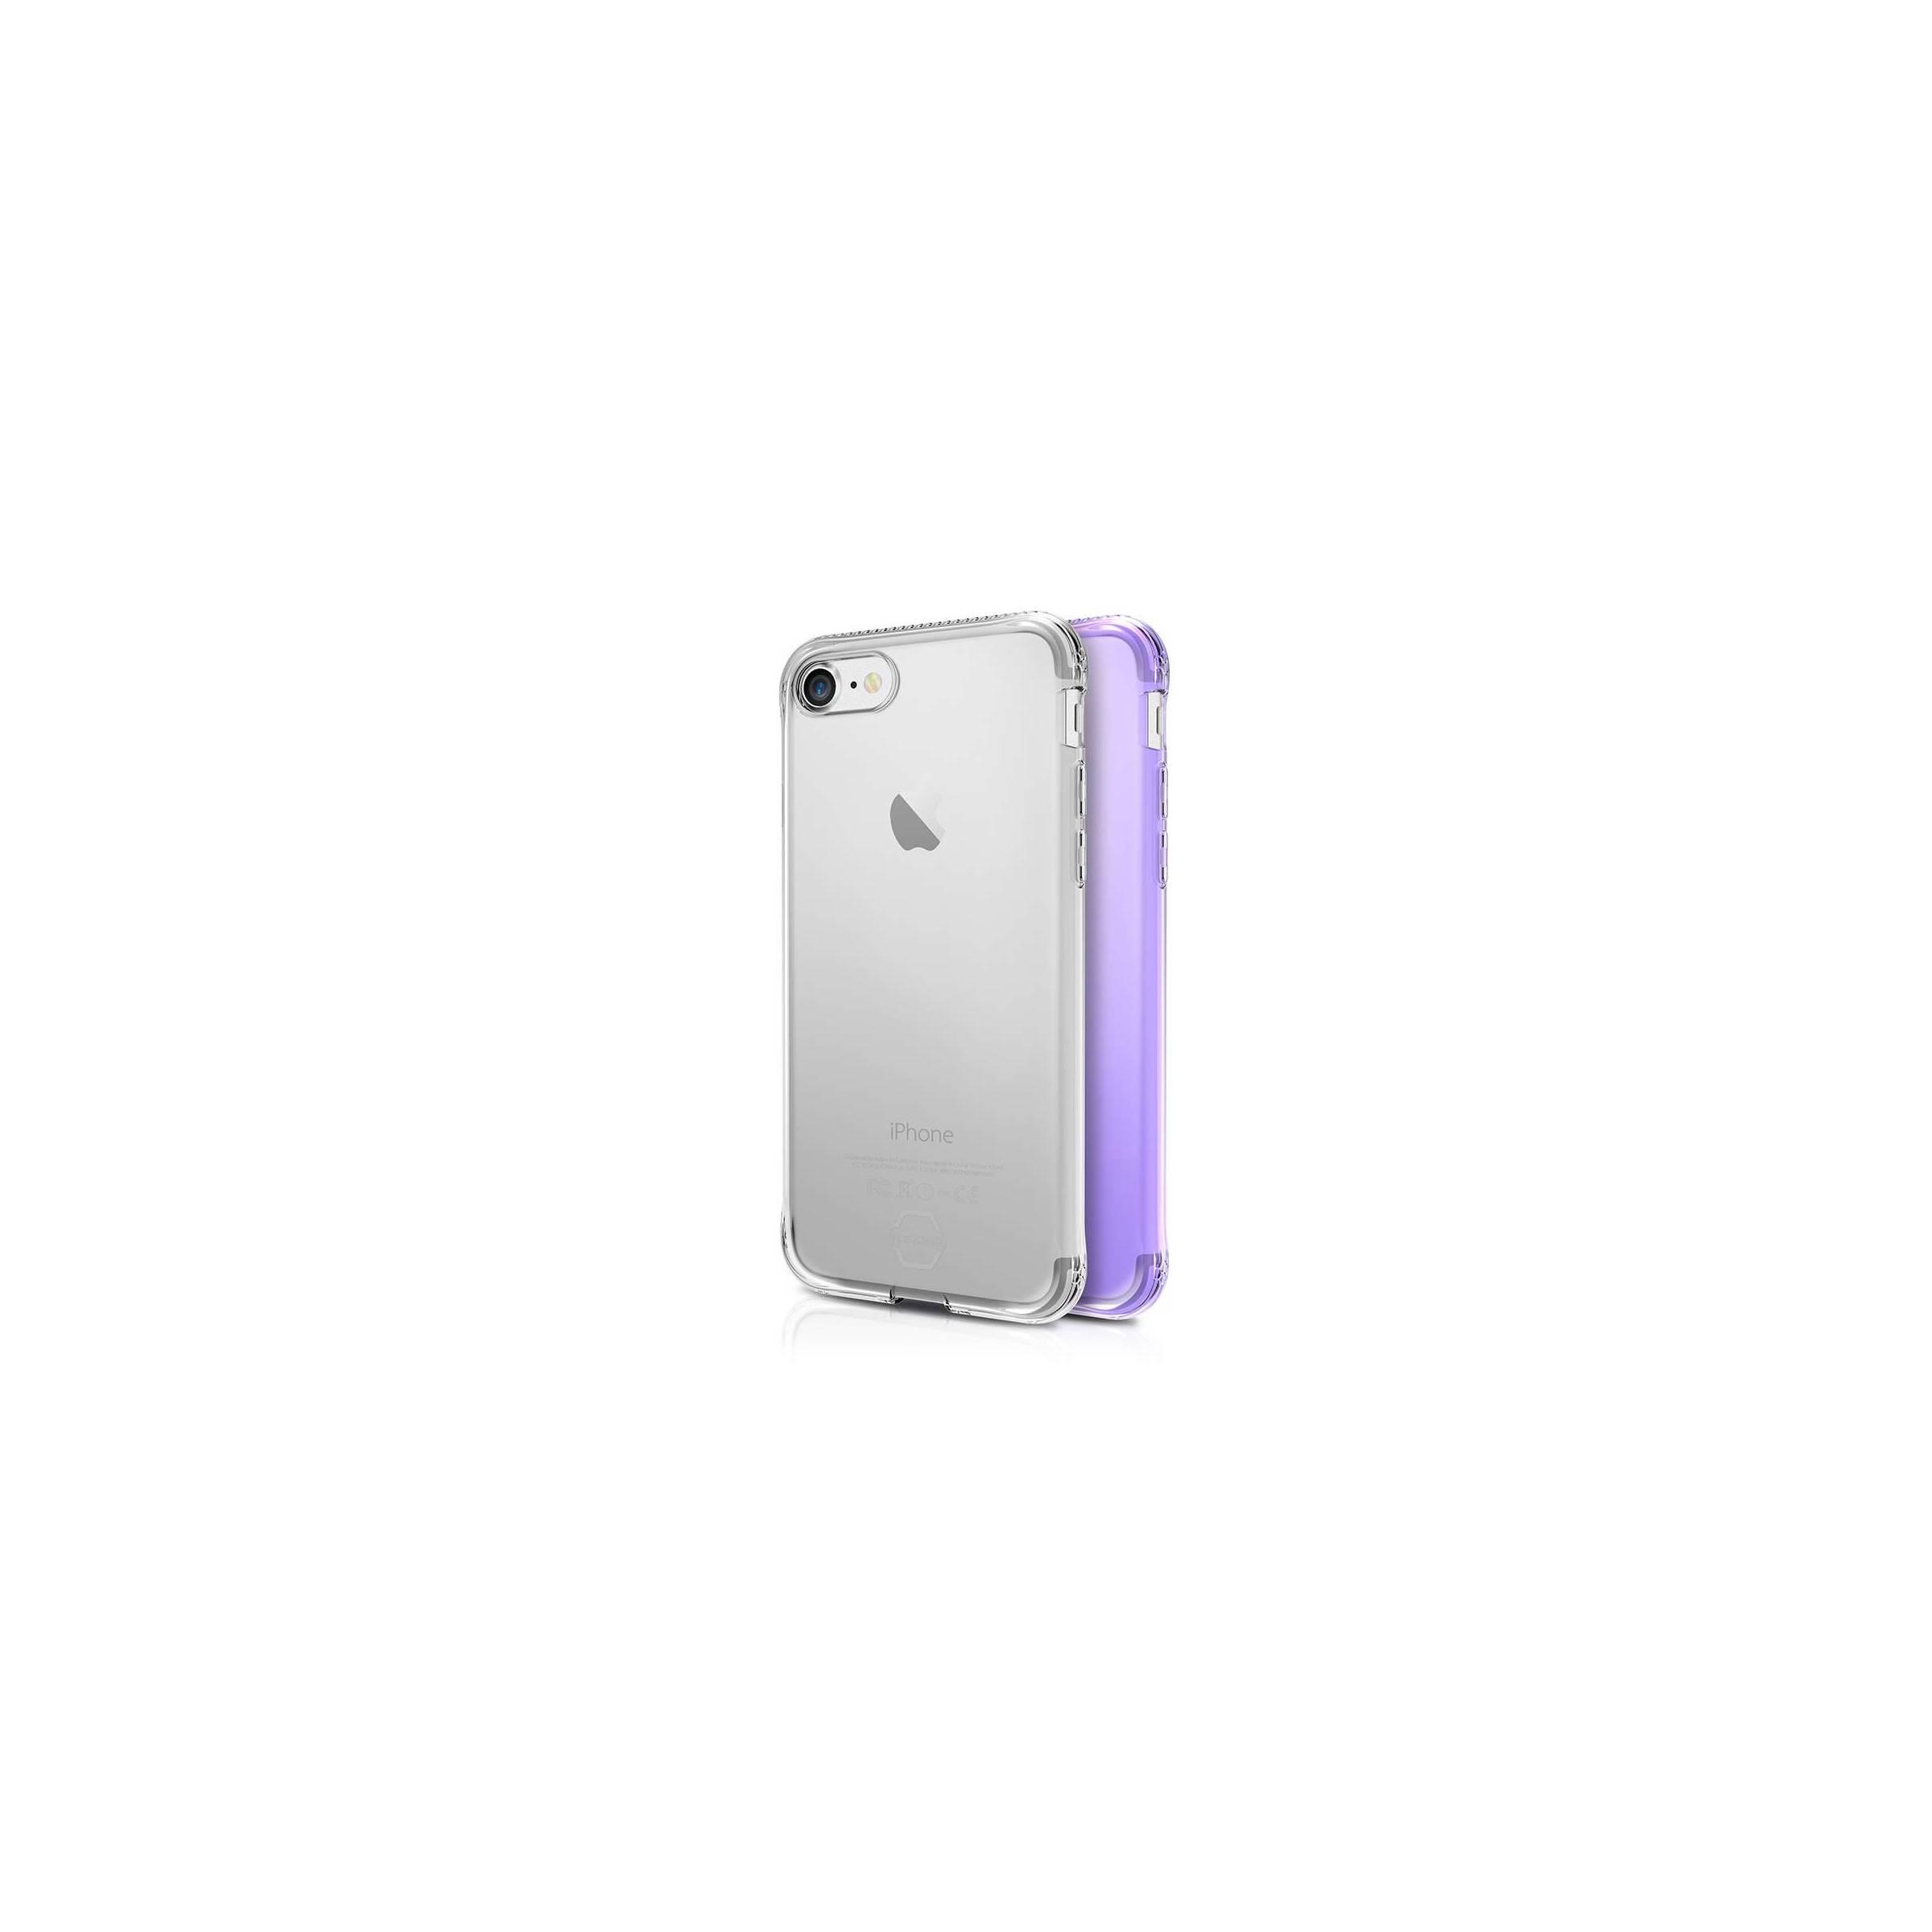 itskins – Itskins slim silikone protect gel iphone 6, 6s, 7 & 8 plus cover dobbelt 2x pakke farve klar & lyse lilla fra mackabler.dk